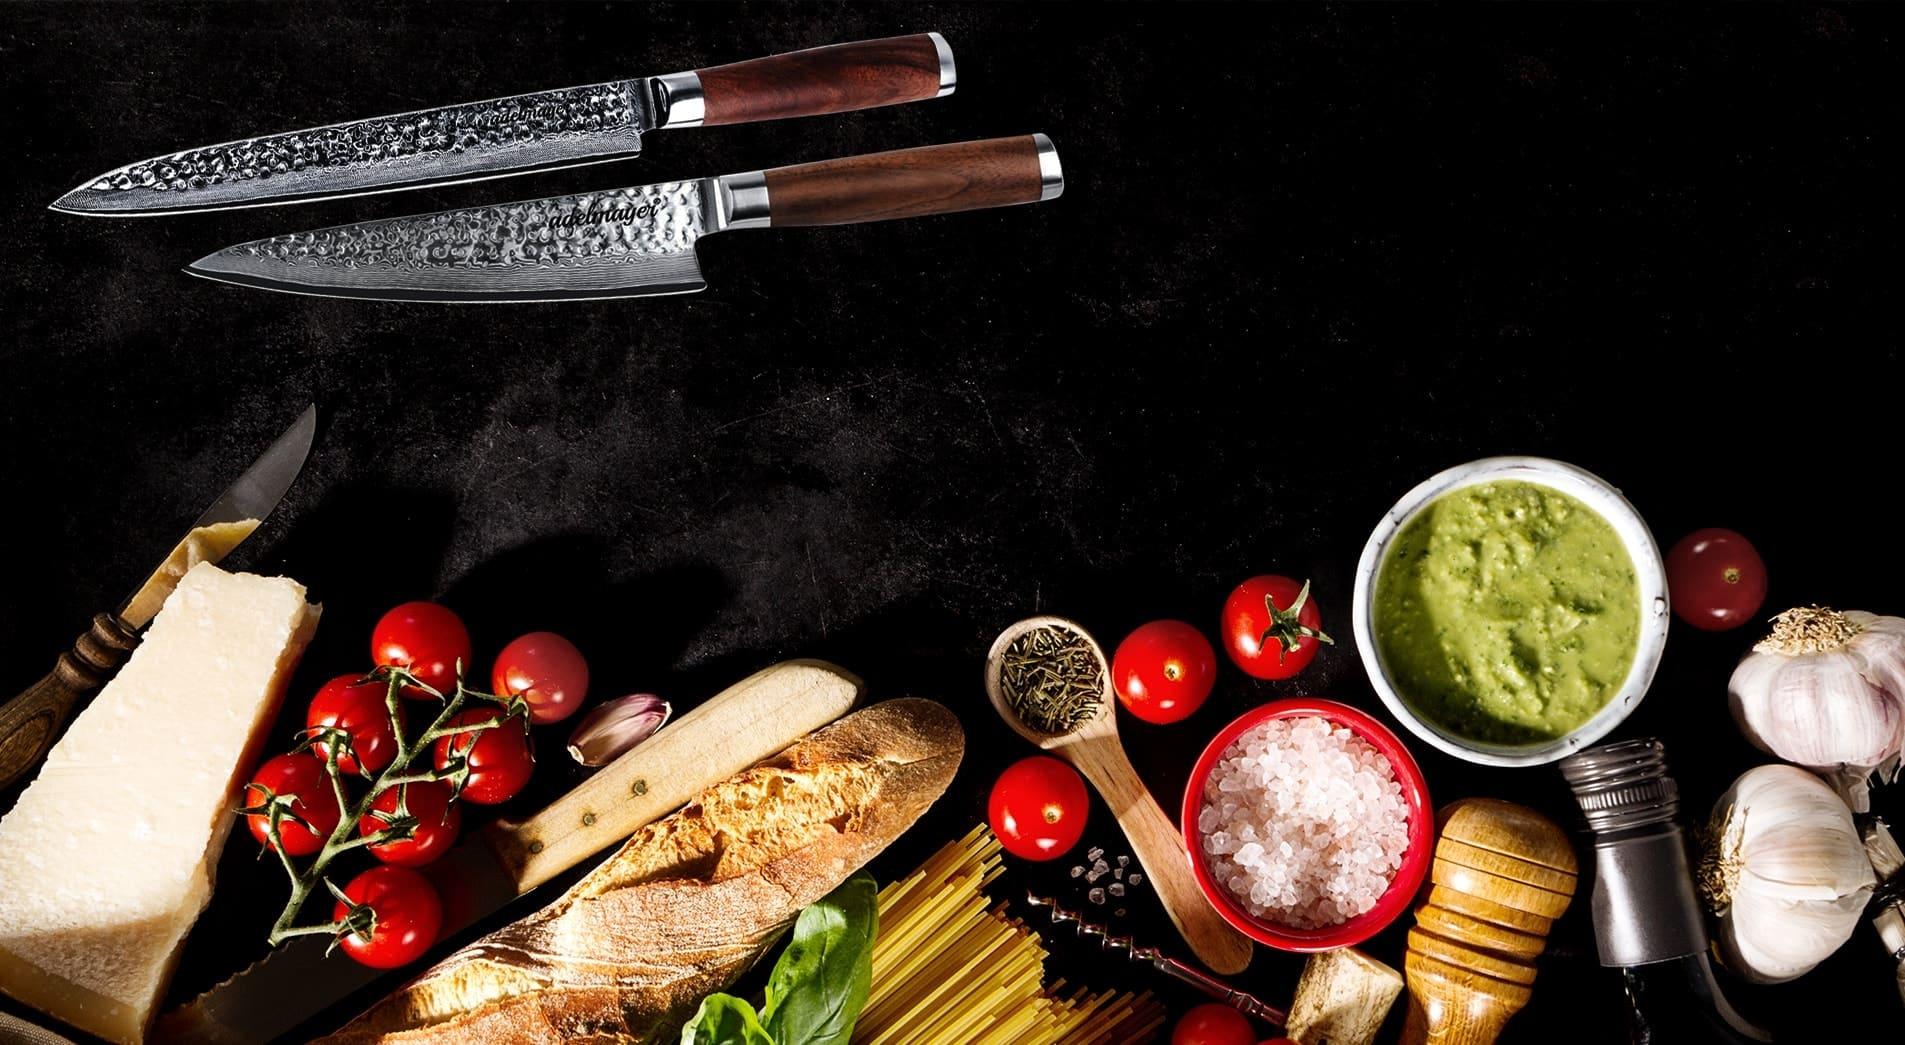 Damast-Küchenmesser-Filetiermesser-245-cm-SET